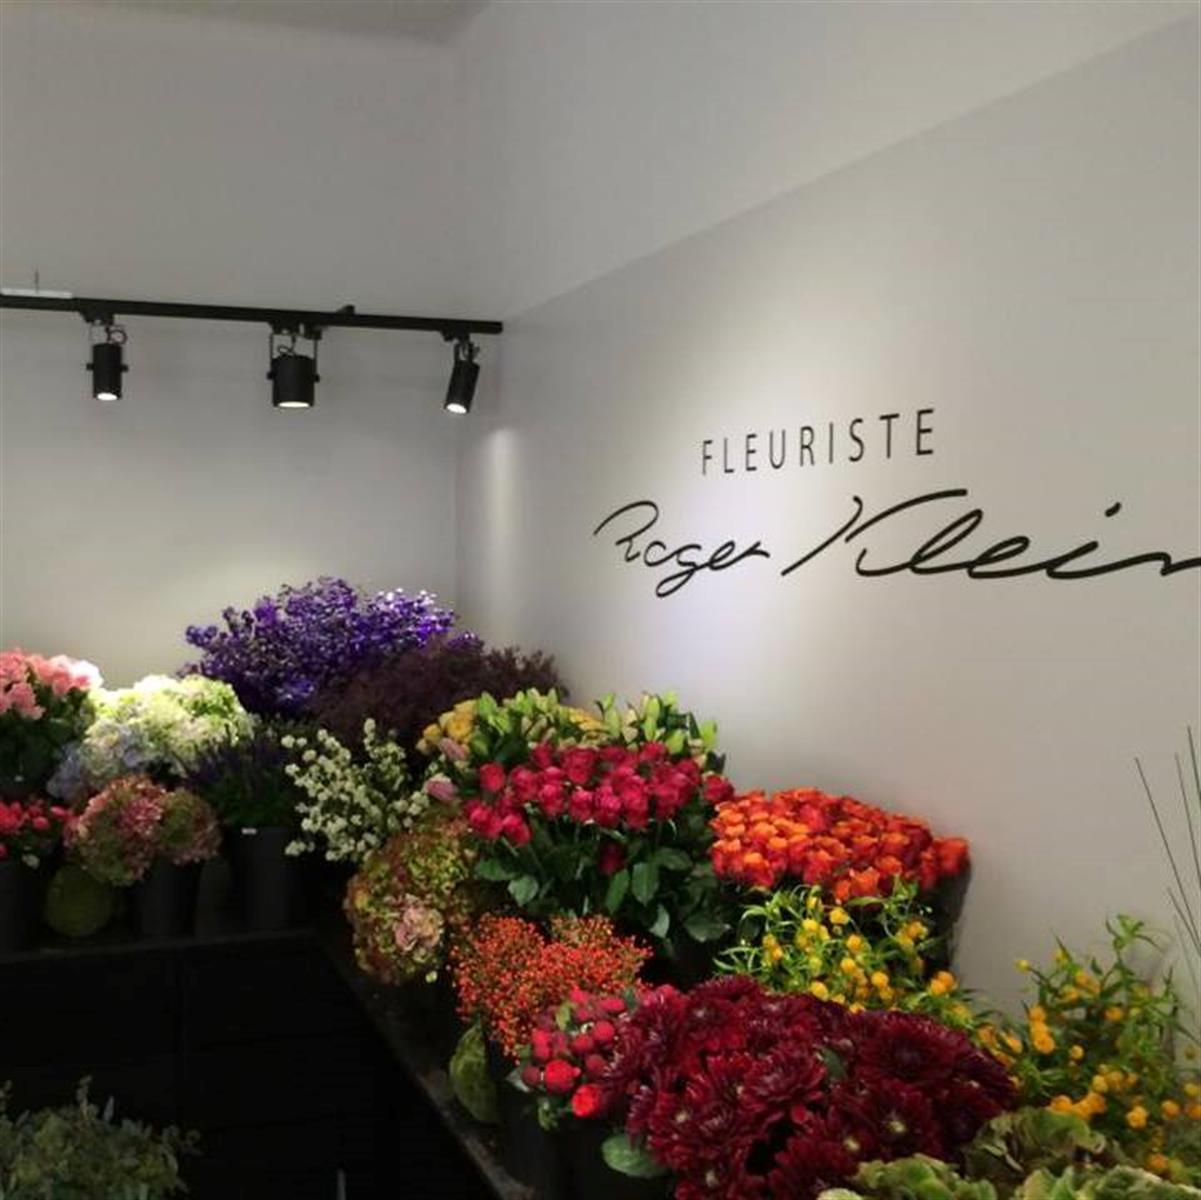 Fleuriste roger klein mariage et communion fleur editus for Fleuriste dimanche